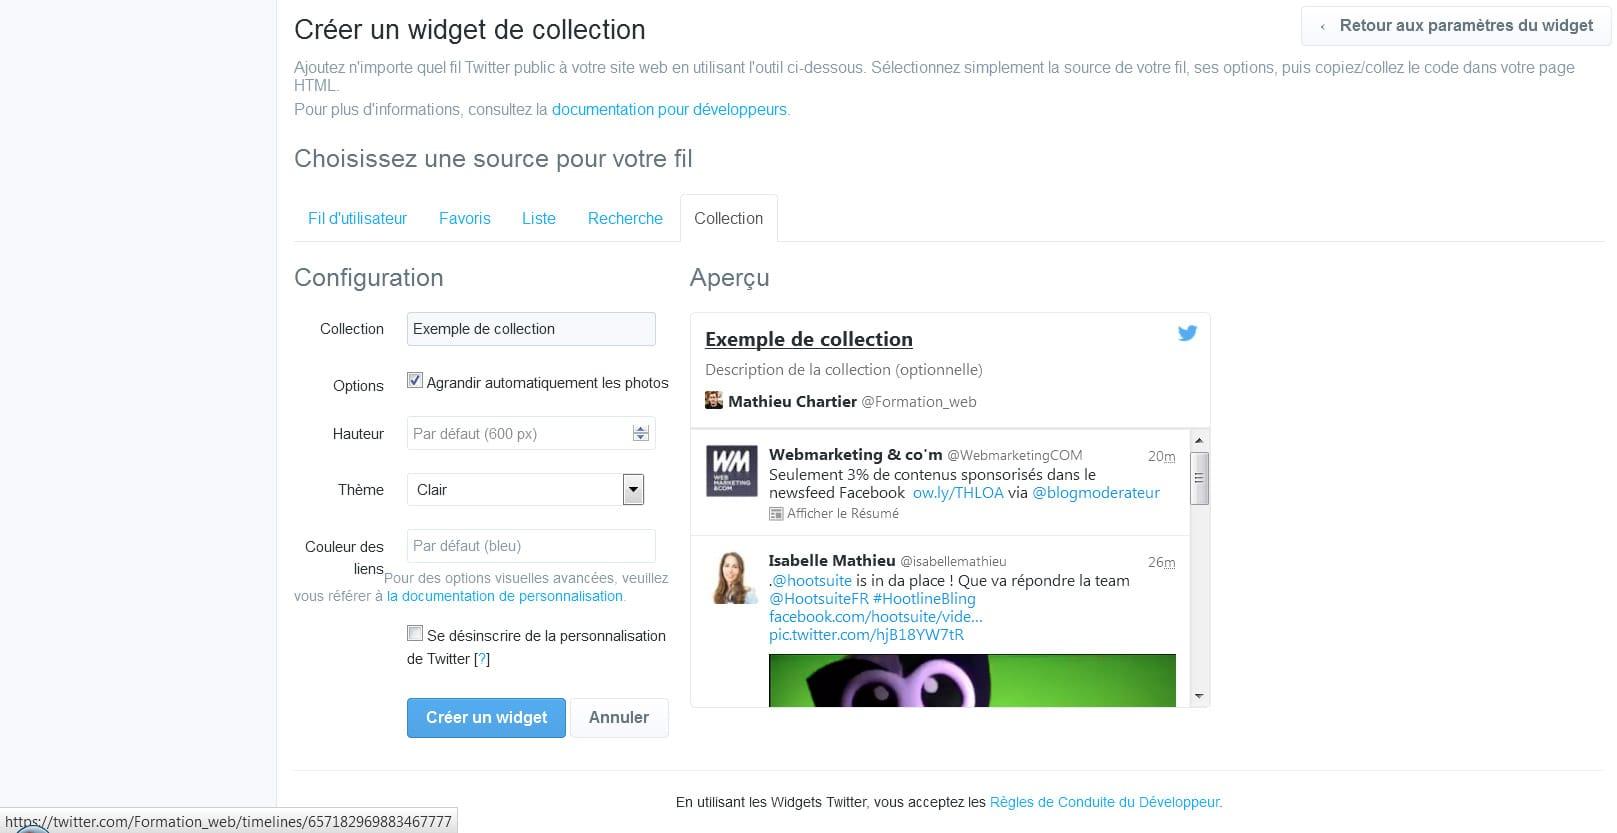 Récupérer l'ID ou l'URL d'une collection dans Twitter